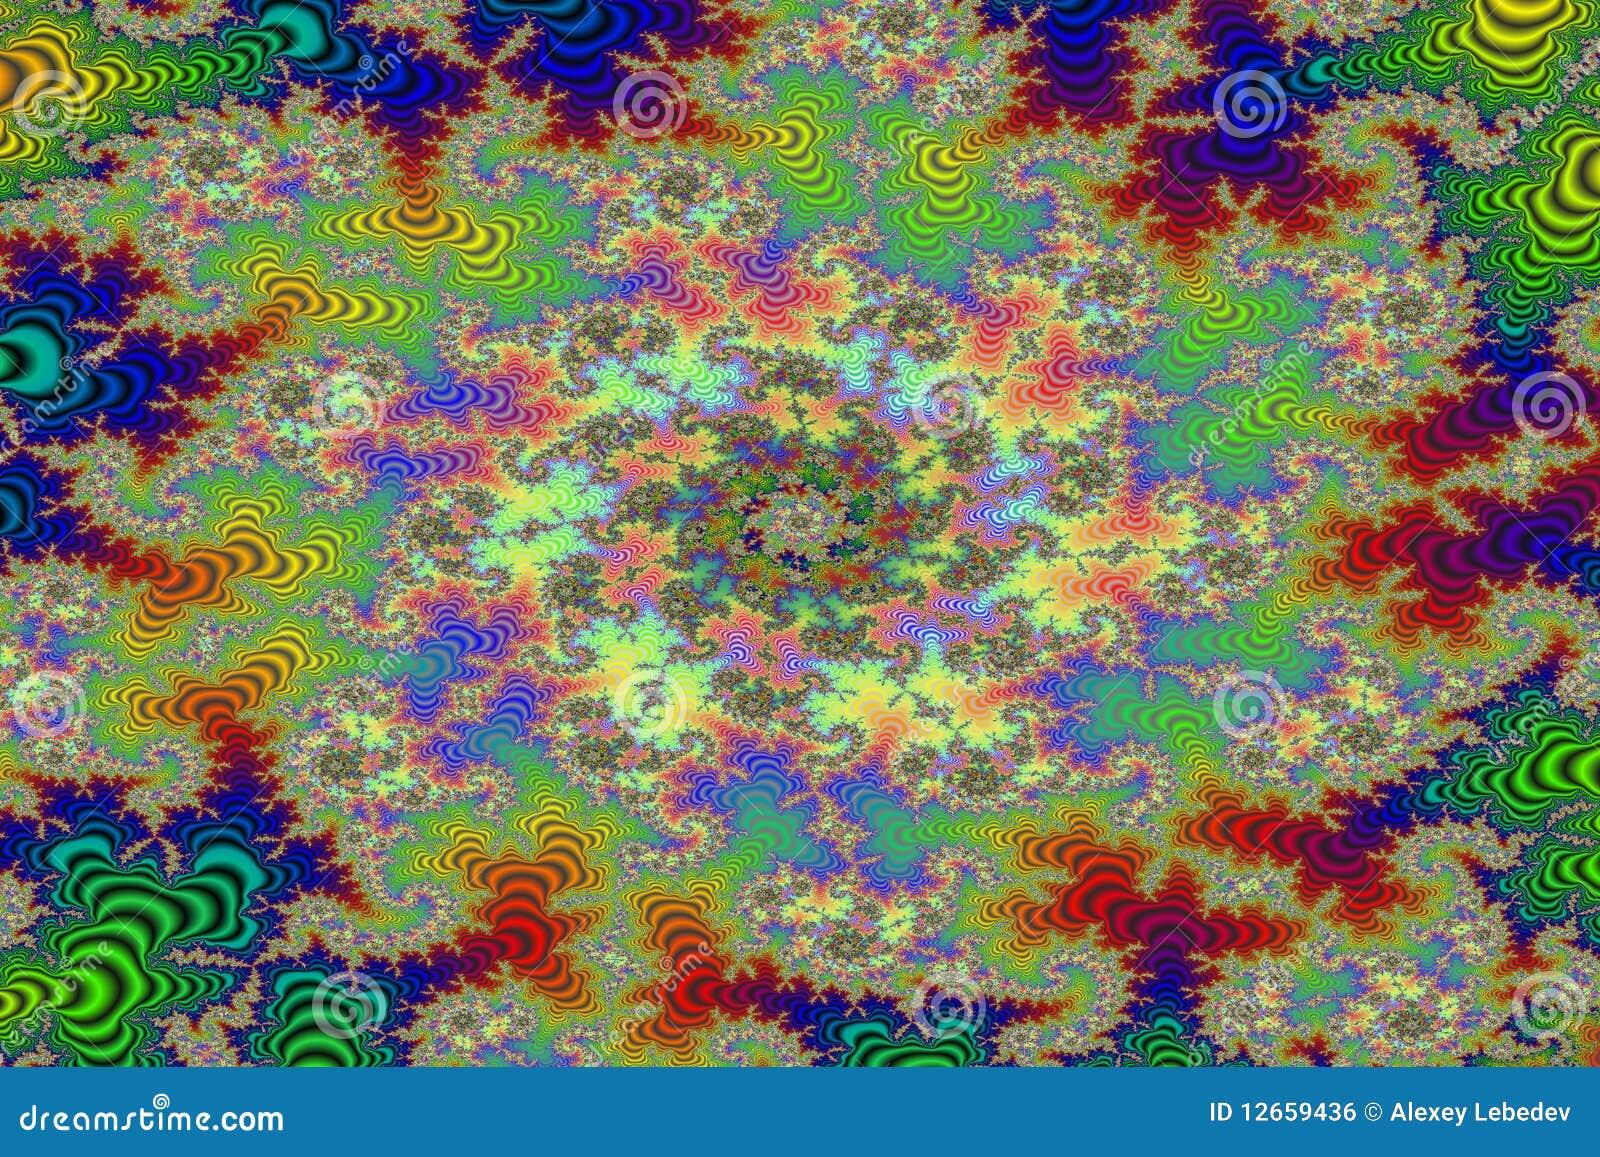 Download Fractal image. Wild Forest stock illustration. Illustration of backdrop - 12659436